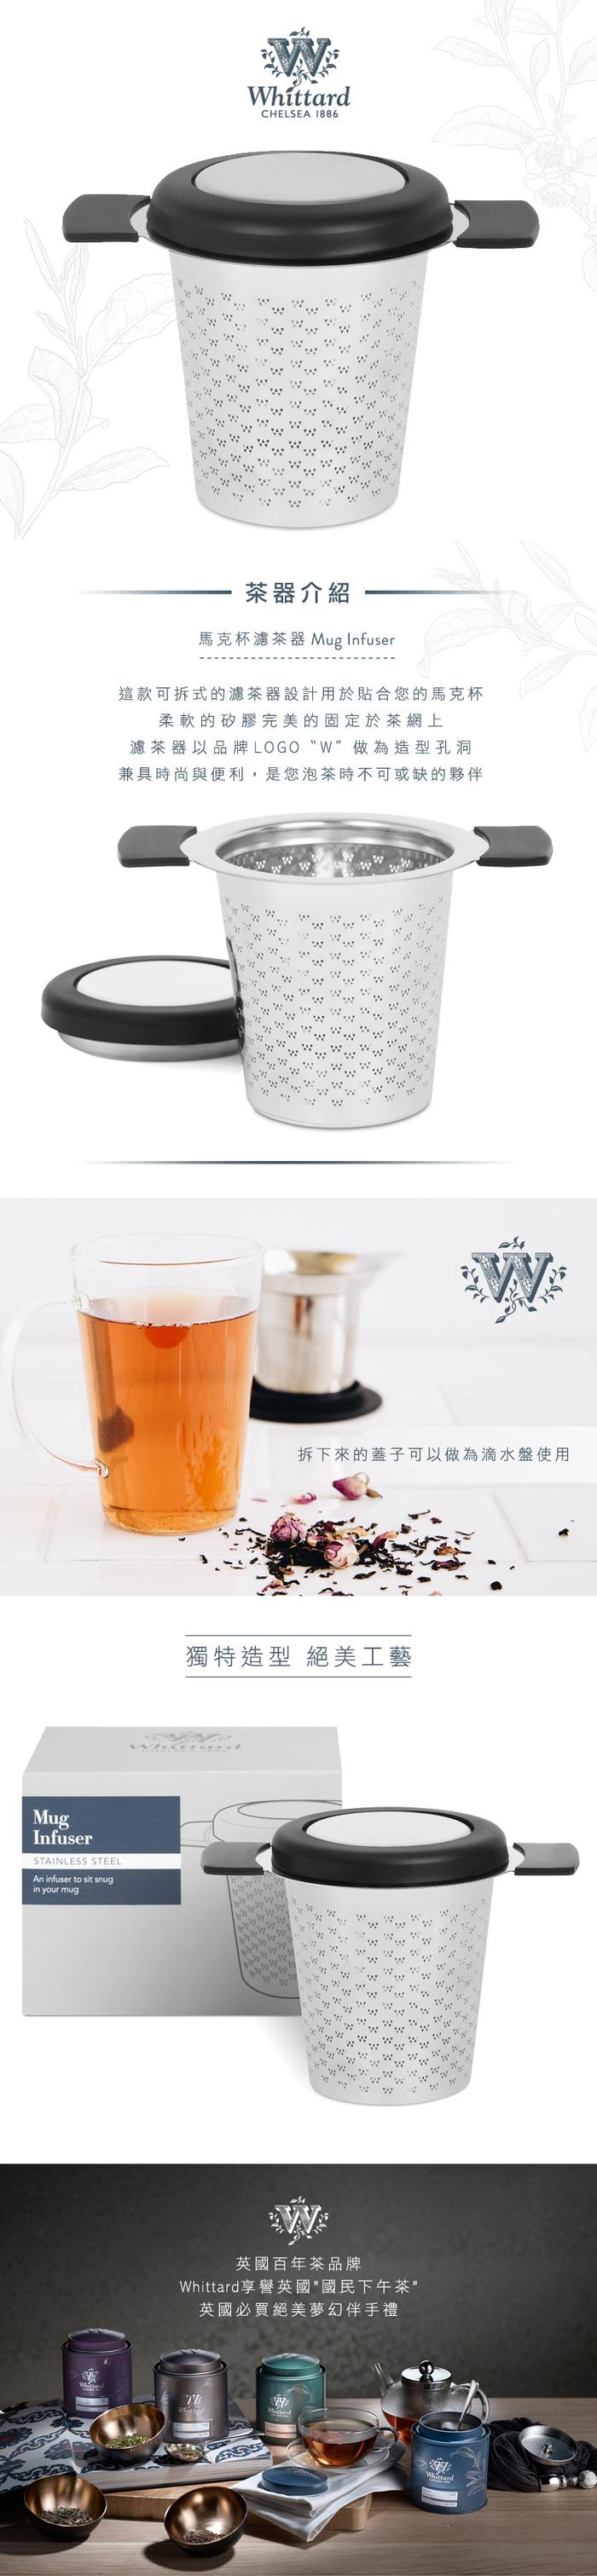 (複製)Whittard | 愛麗絲茶杯組